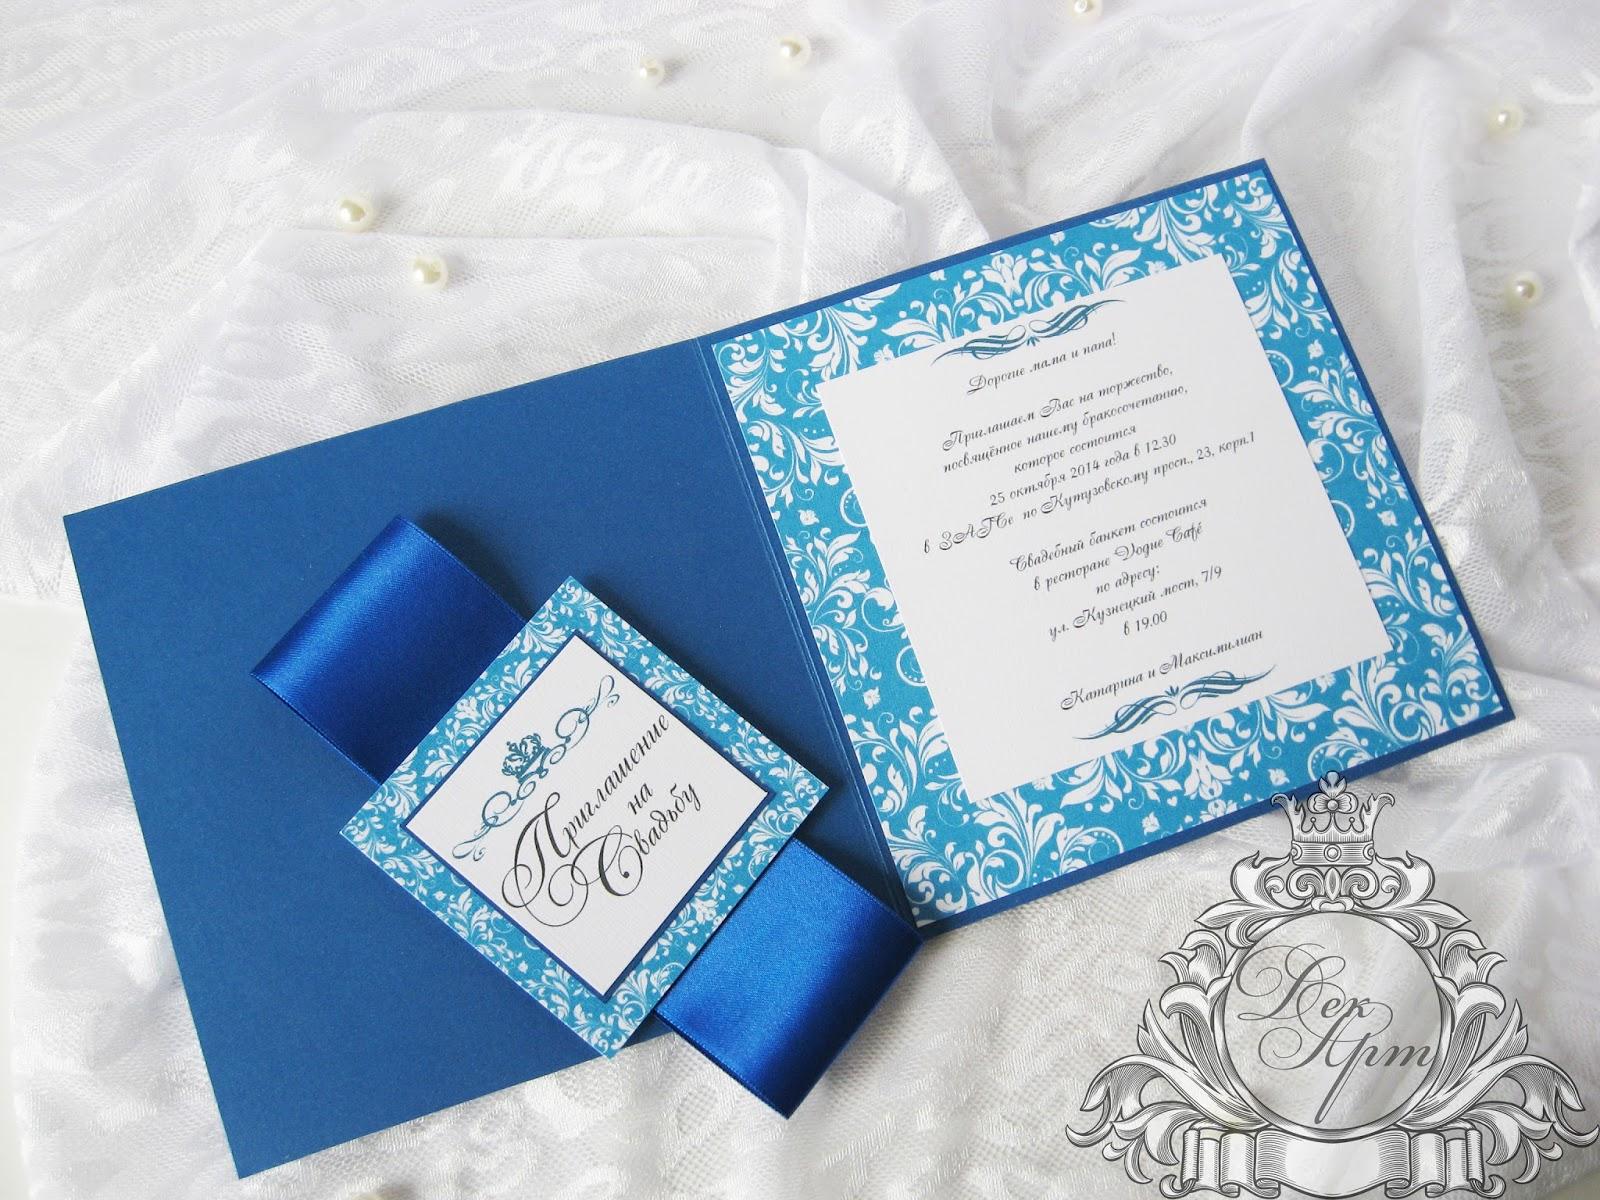 Рамки для пригласительных на свадьбу фото